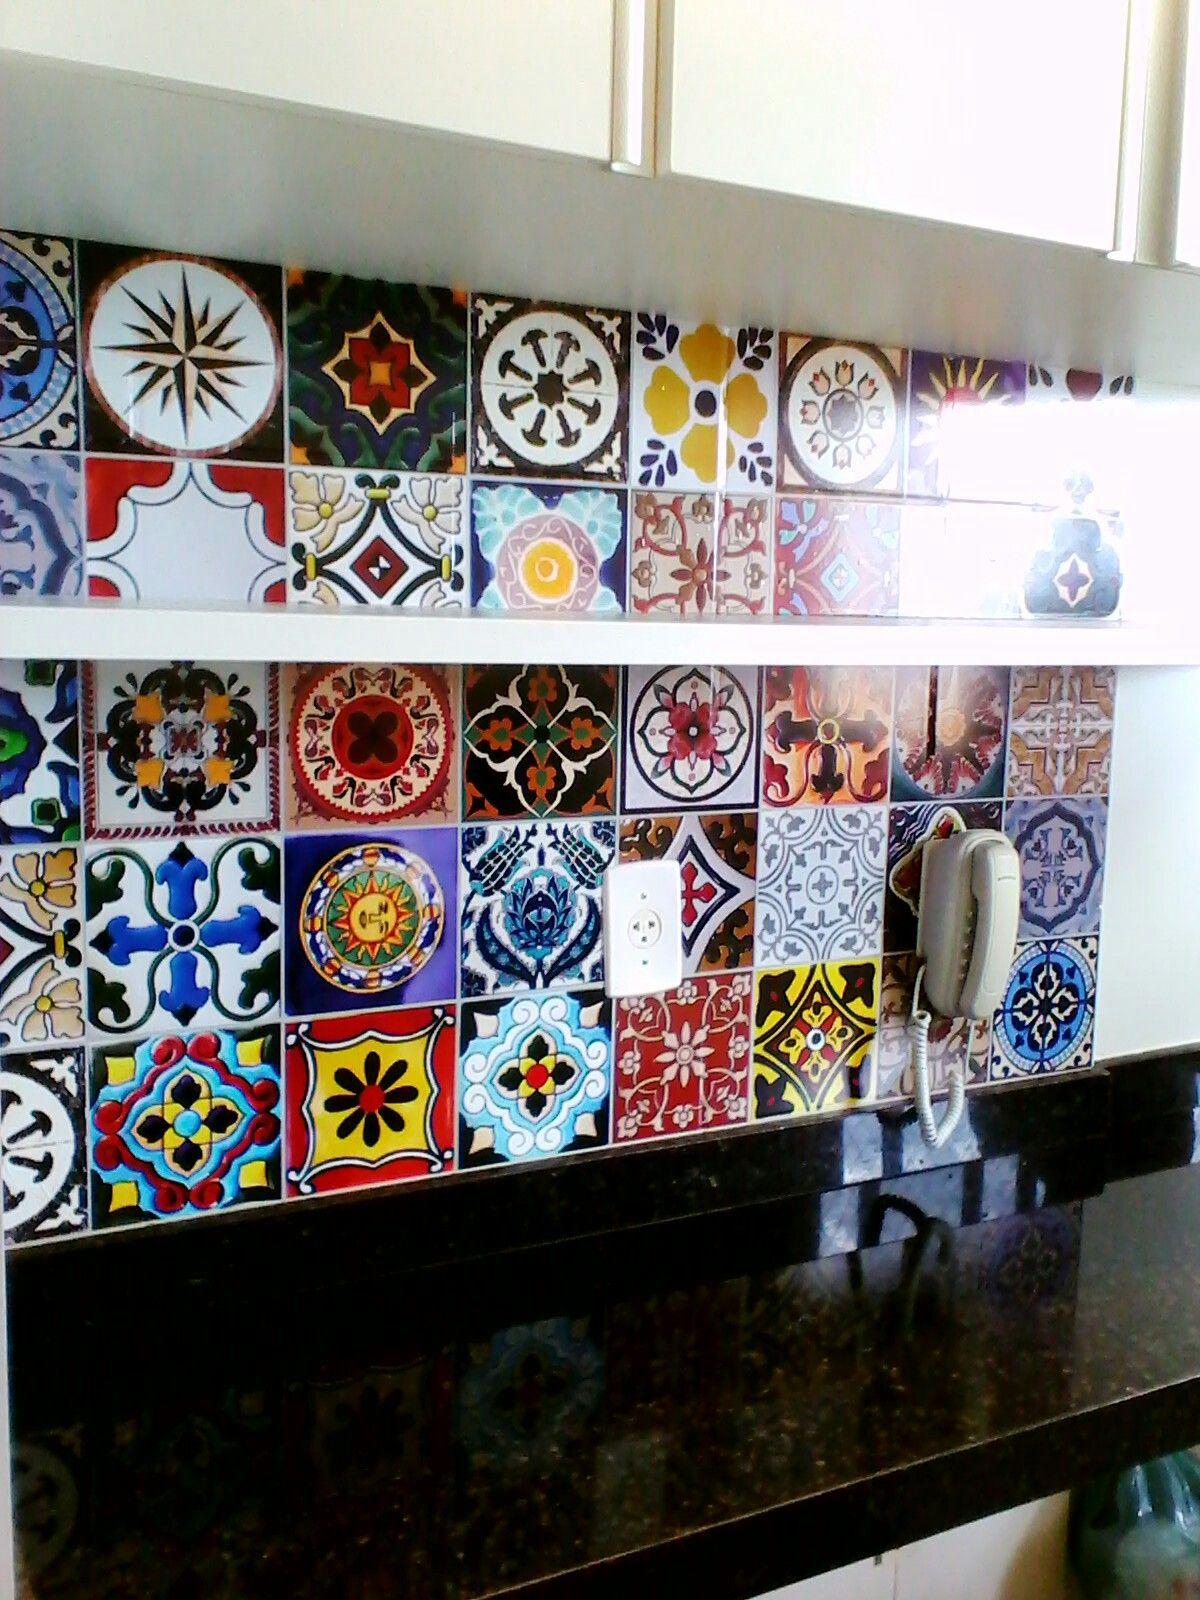 Adesivo vin lico com estampa de mosaico de azulejos dando for Revestimientos vinilicos para azulejos